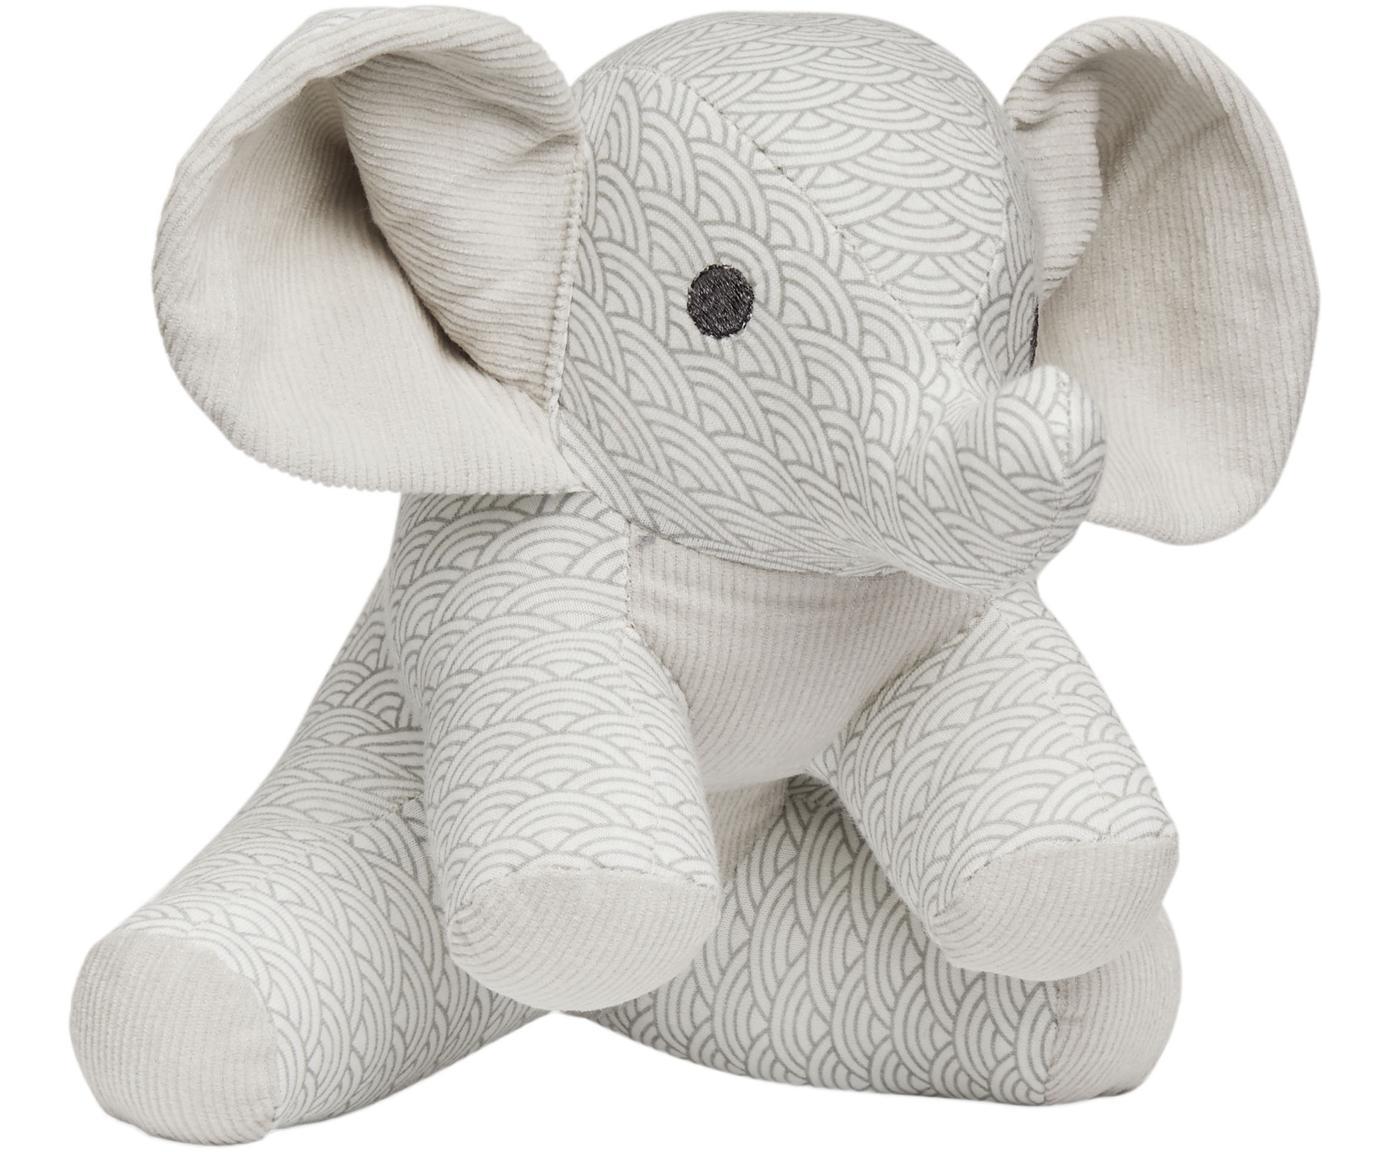 Kuscheltier Elephant aus Bio-Baumwolle, Bezug: Bio-Baumwolle, Grau, Weiss, Hellgrau, 20 x 21 cm